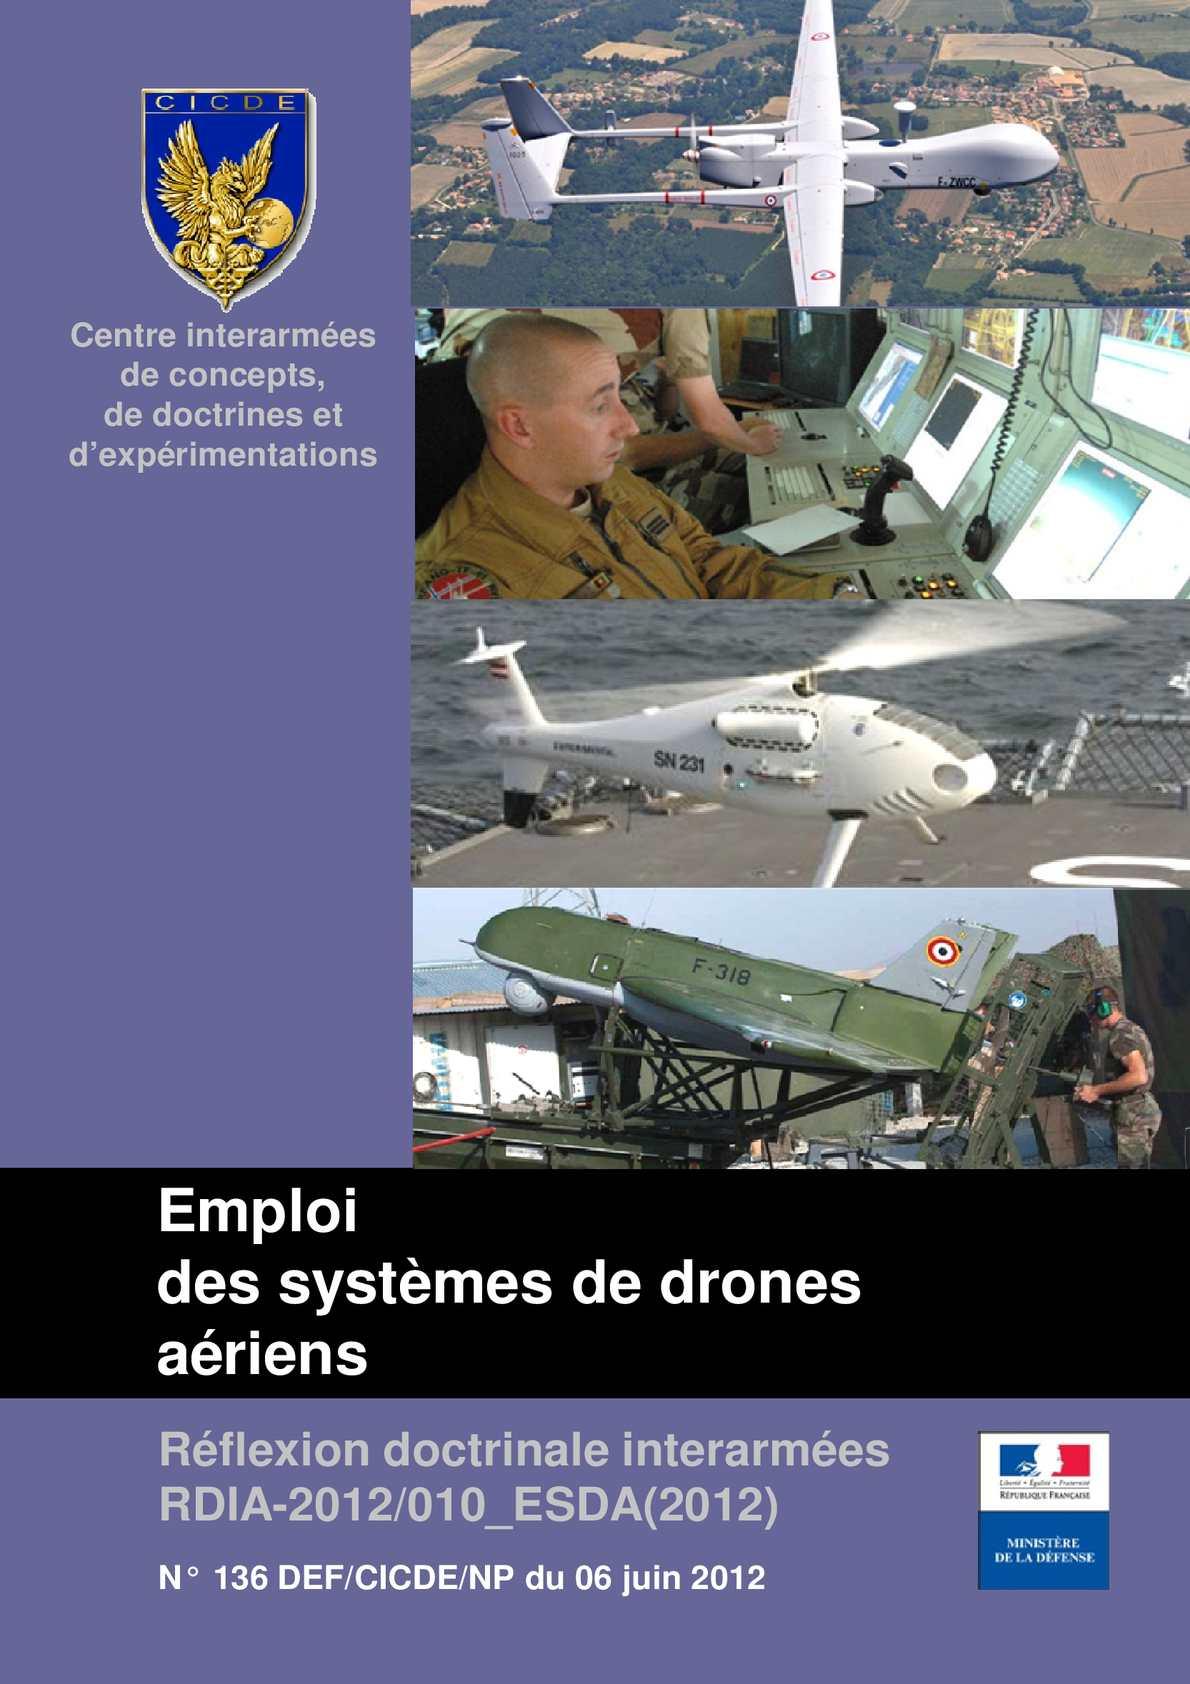 CICDE : Emploi des systèmes de drones aériens